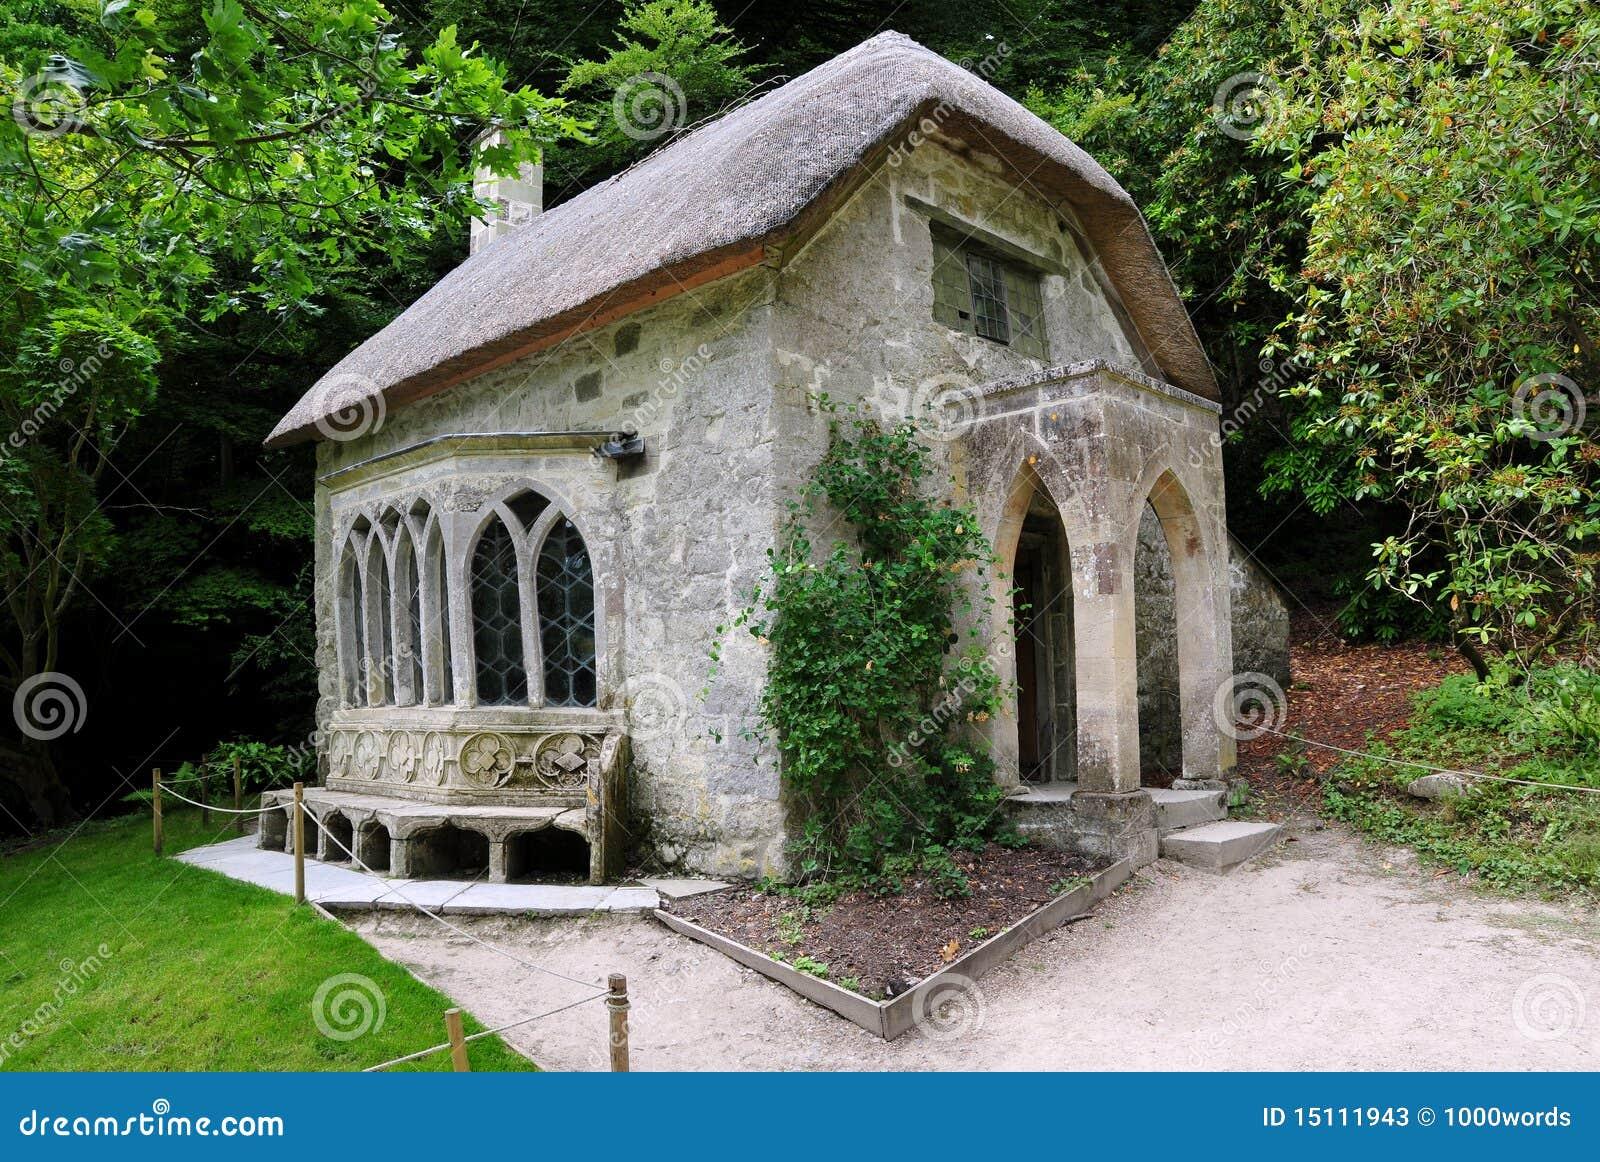 Casa de campo do telhado Thatched